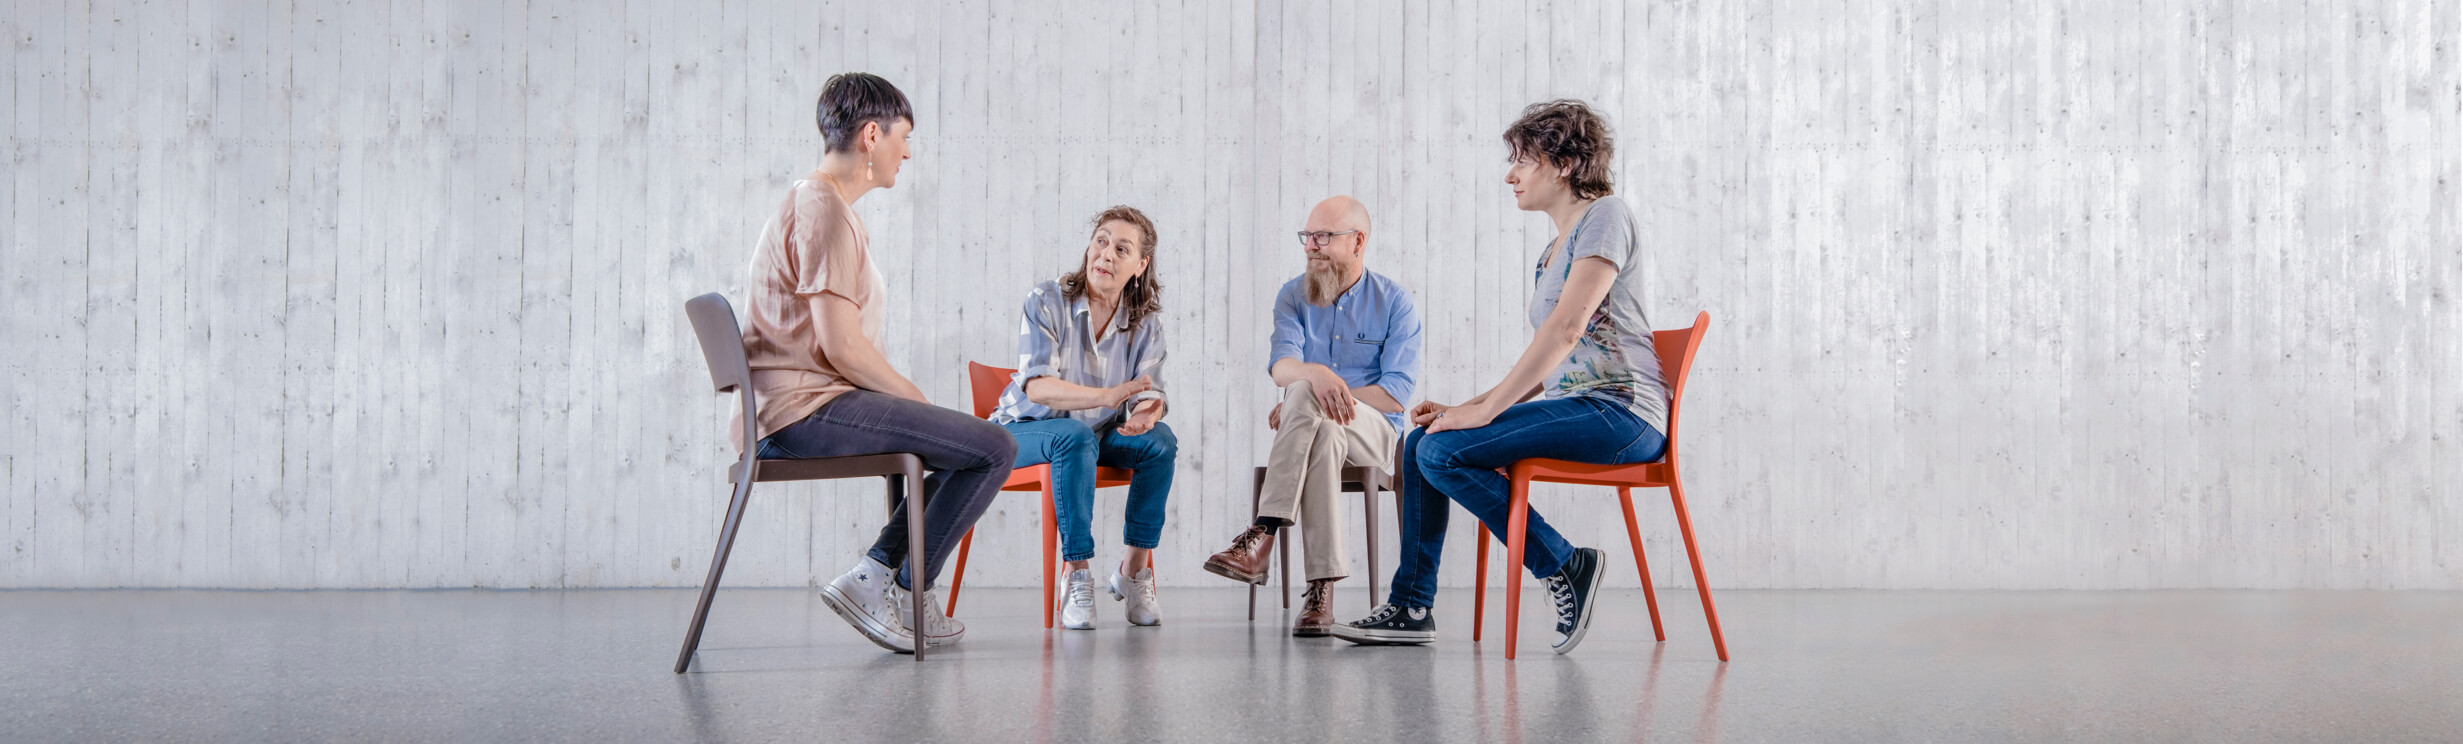 EIne Gruppe sitzt auf Stühlen und unterhält sich